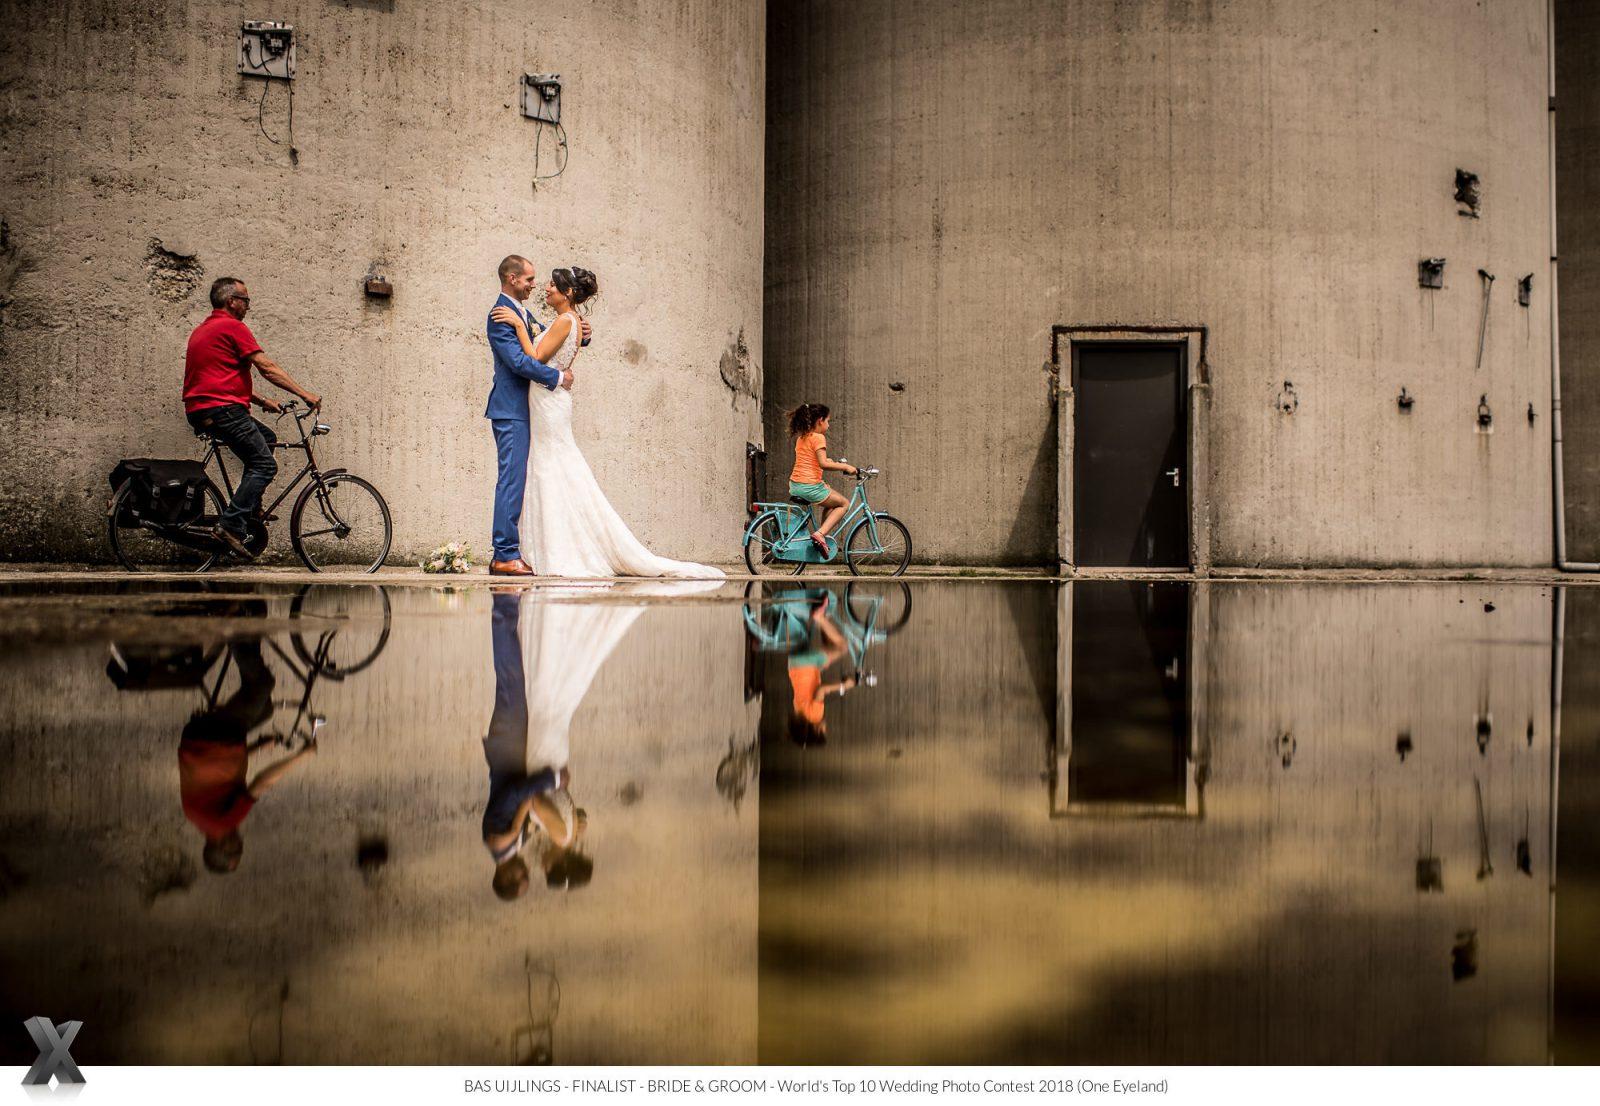 beste bruidsfotograaf wereld